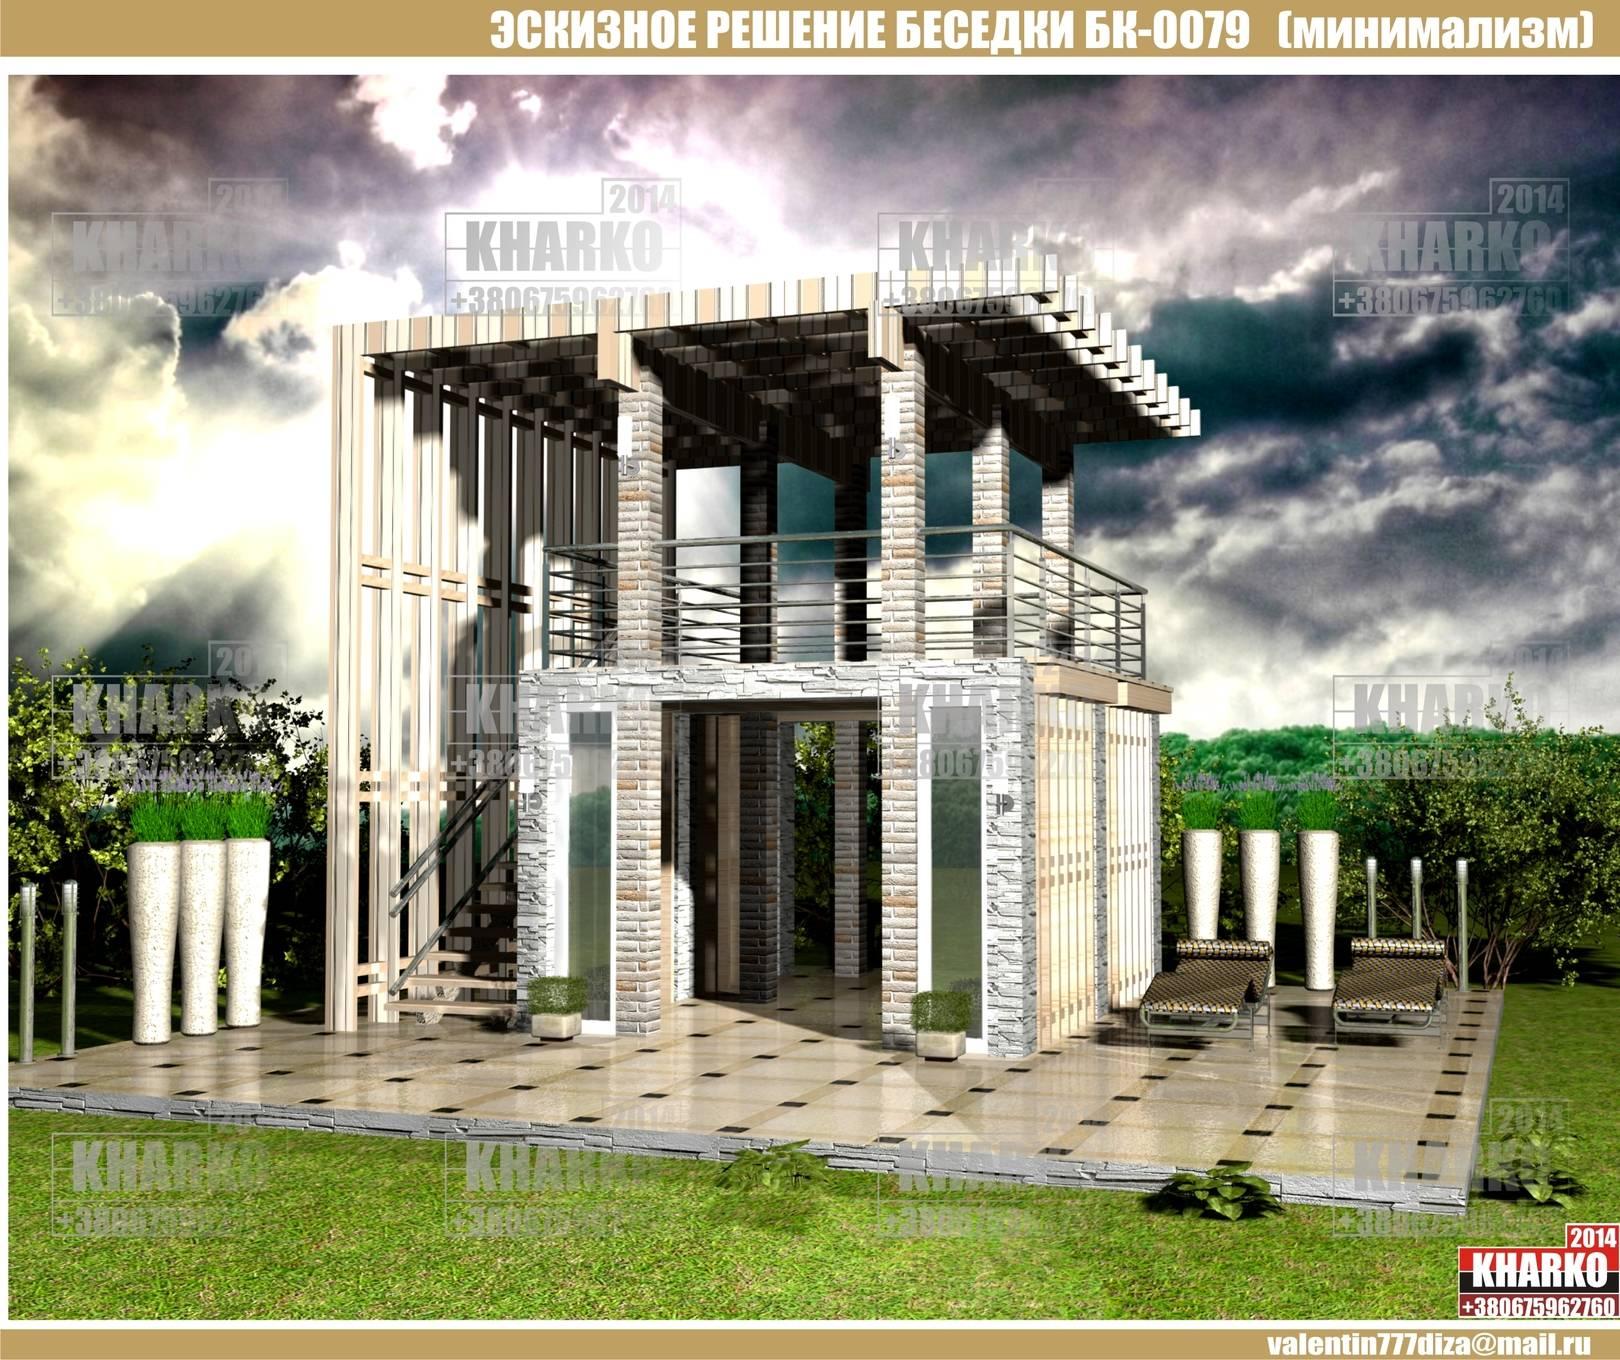 проект беседки БК-0079 (минимализм), project pergola, gazebo, shed  общая площадь беседки-33,7м. кв. эксплуатируемая площадь беседки- 26,4 м.кв. площадь 2 этажа-26,4 м.кв. габаритные размеры -5,8 м. на 5,8 м. тип фундамента-монолитный ж/б материал наружной стены и бетон, кирпич, дерево  тип кровли-дерево Наружная отделка цоколя -декоративный камень Стоимость проекта- 2200 грн.